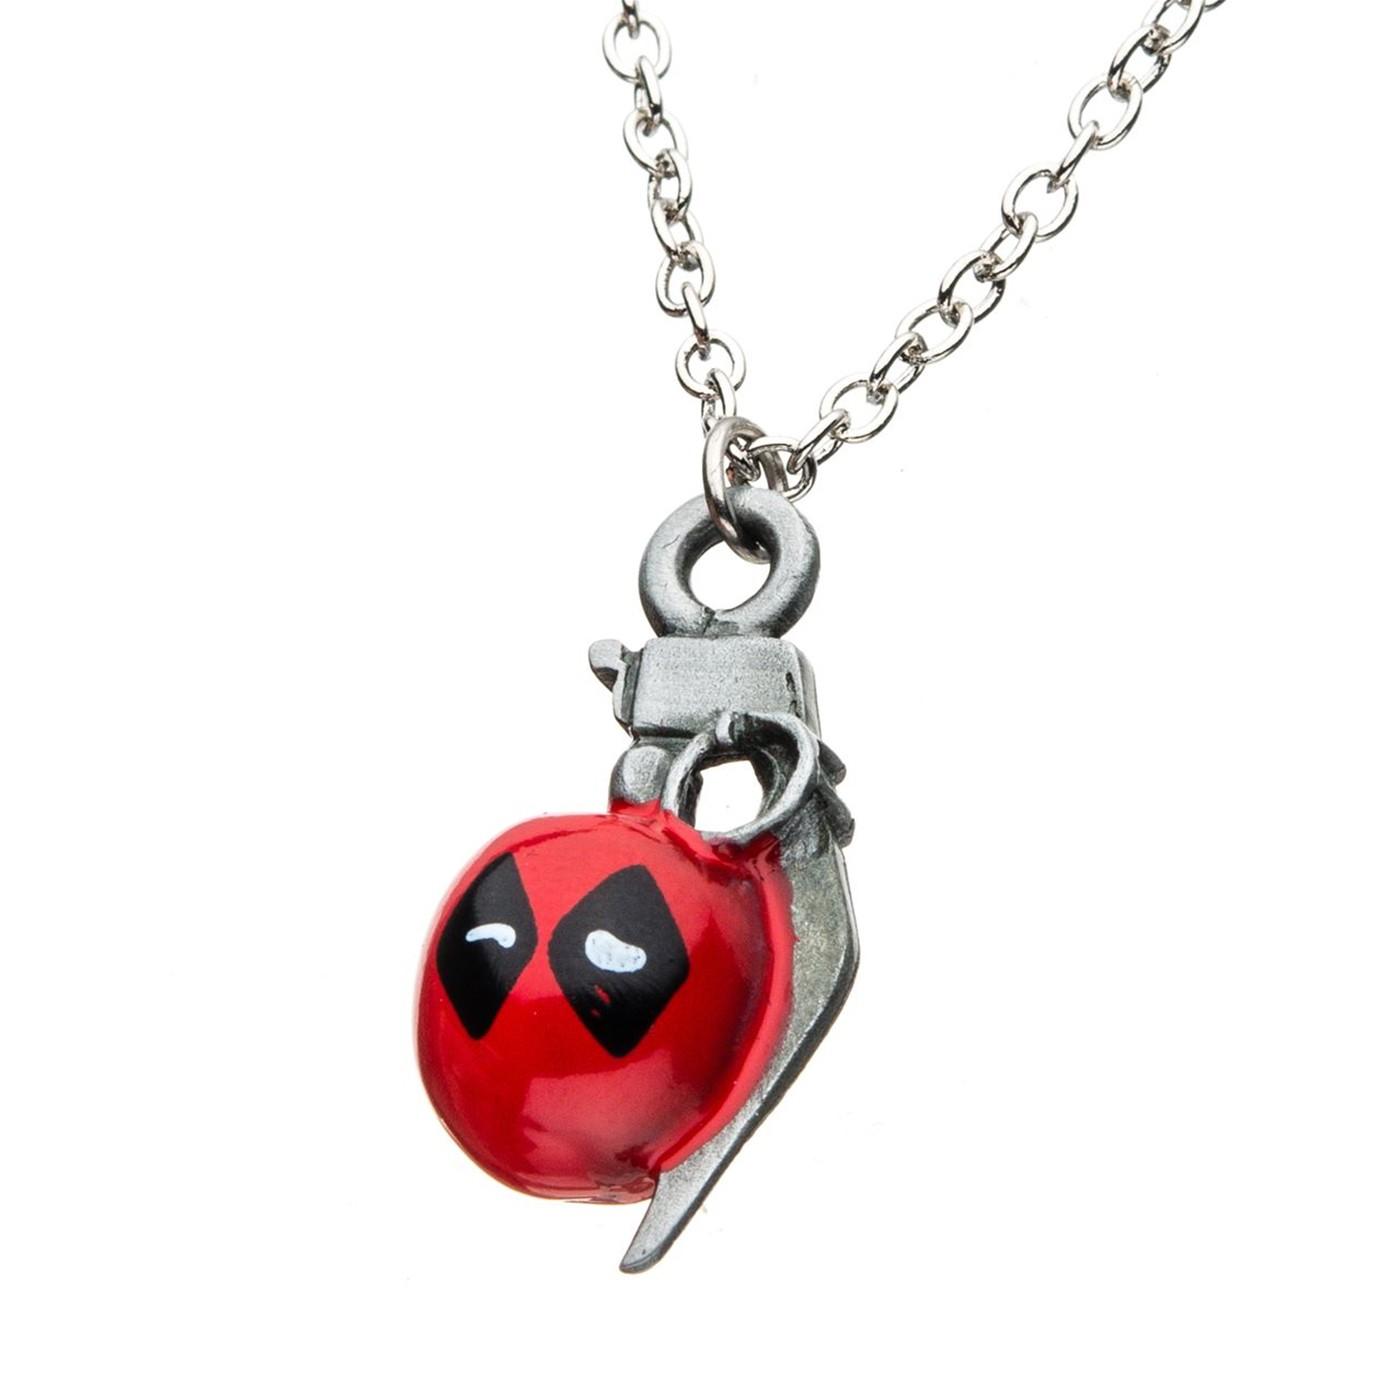 Deadpool Grenade Necklace